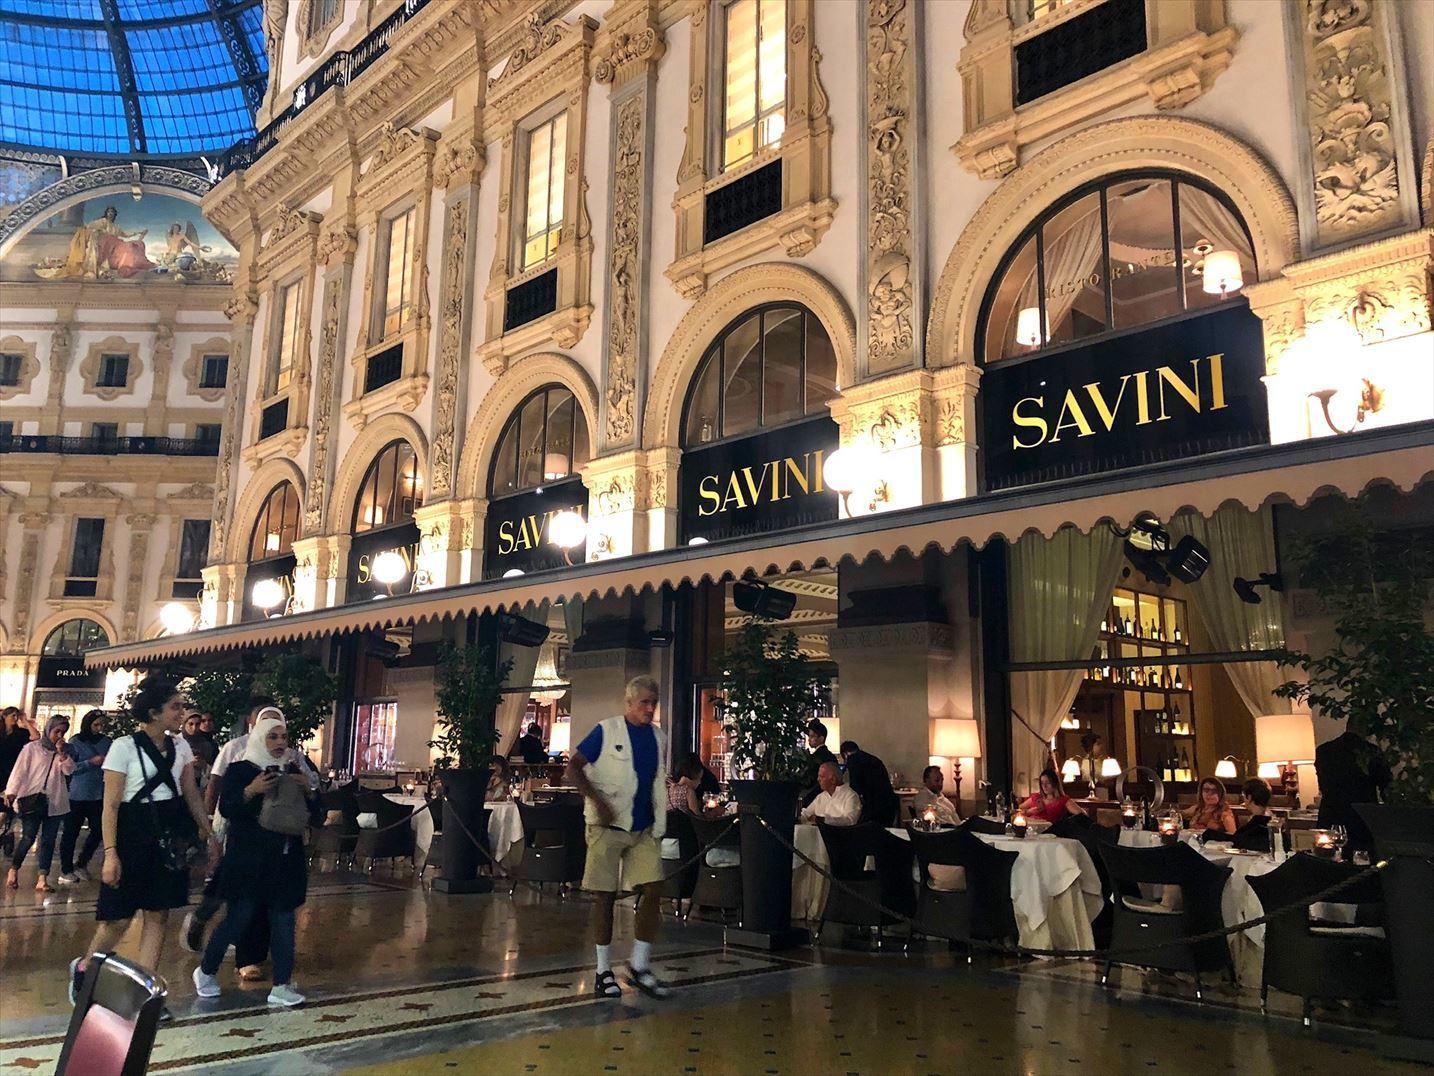 シチリア/ 47  最終回 ミラノで地味な最後の晩餐_a0092659_00131700.jpg